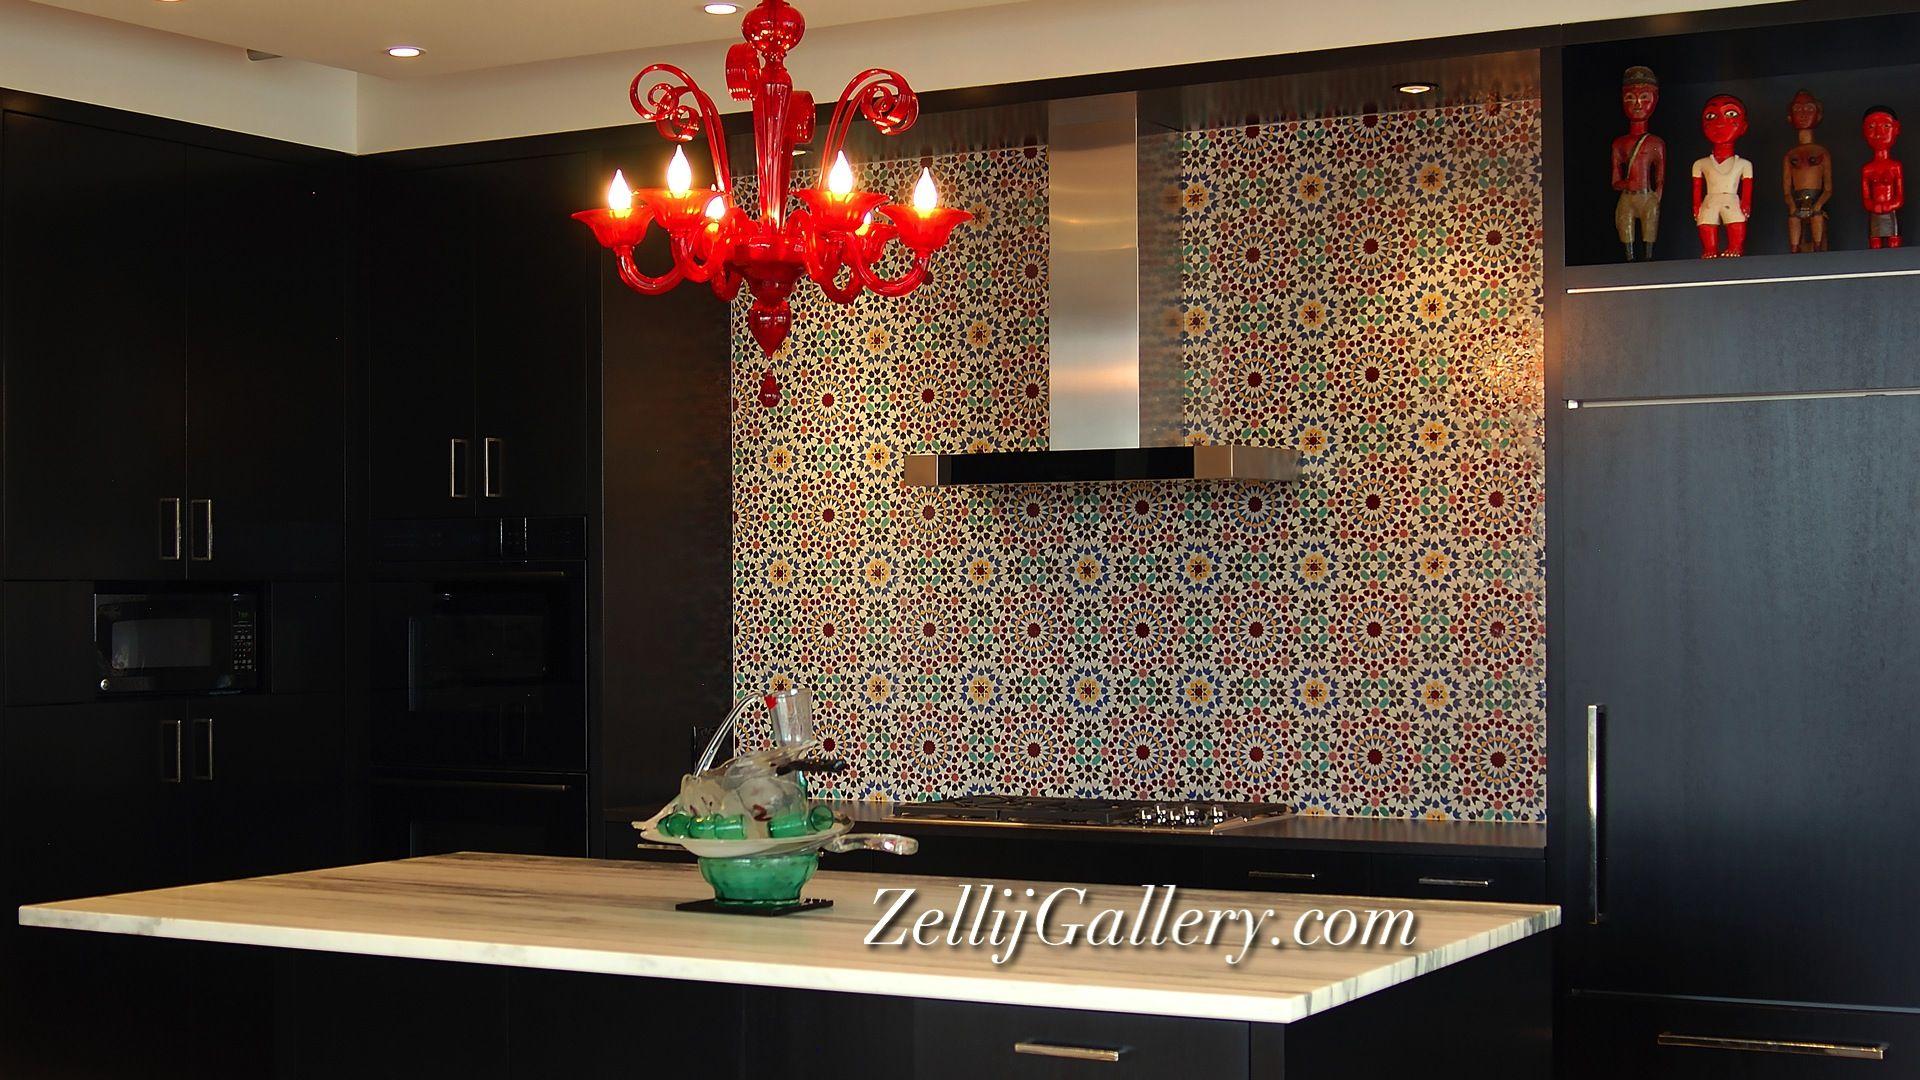 Moroccan tile kitchen backsplash by Zellij Gallery